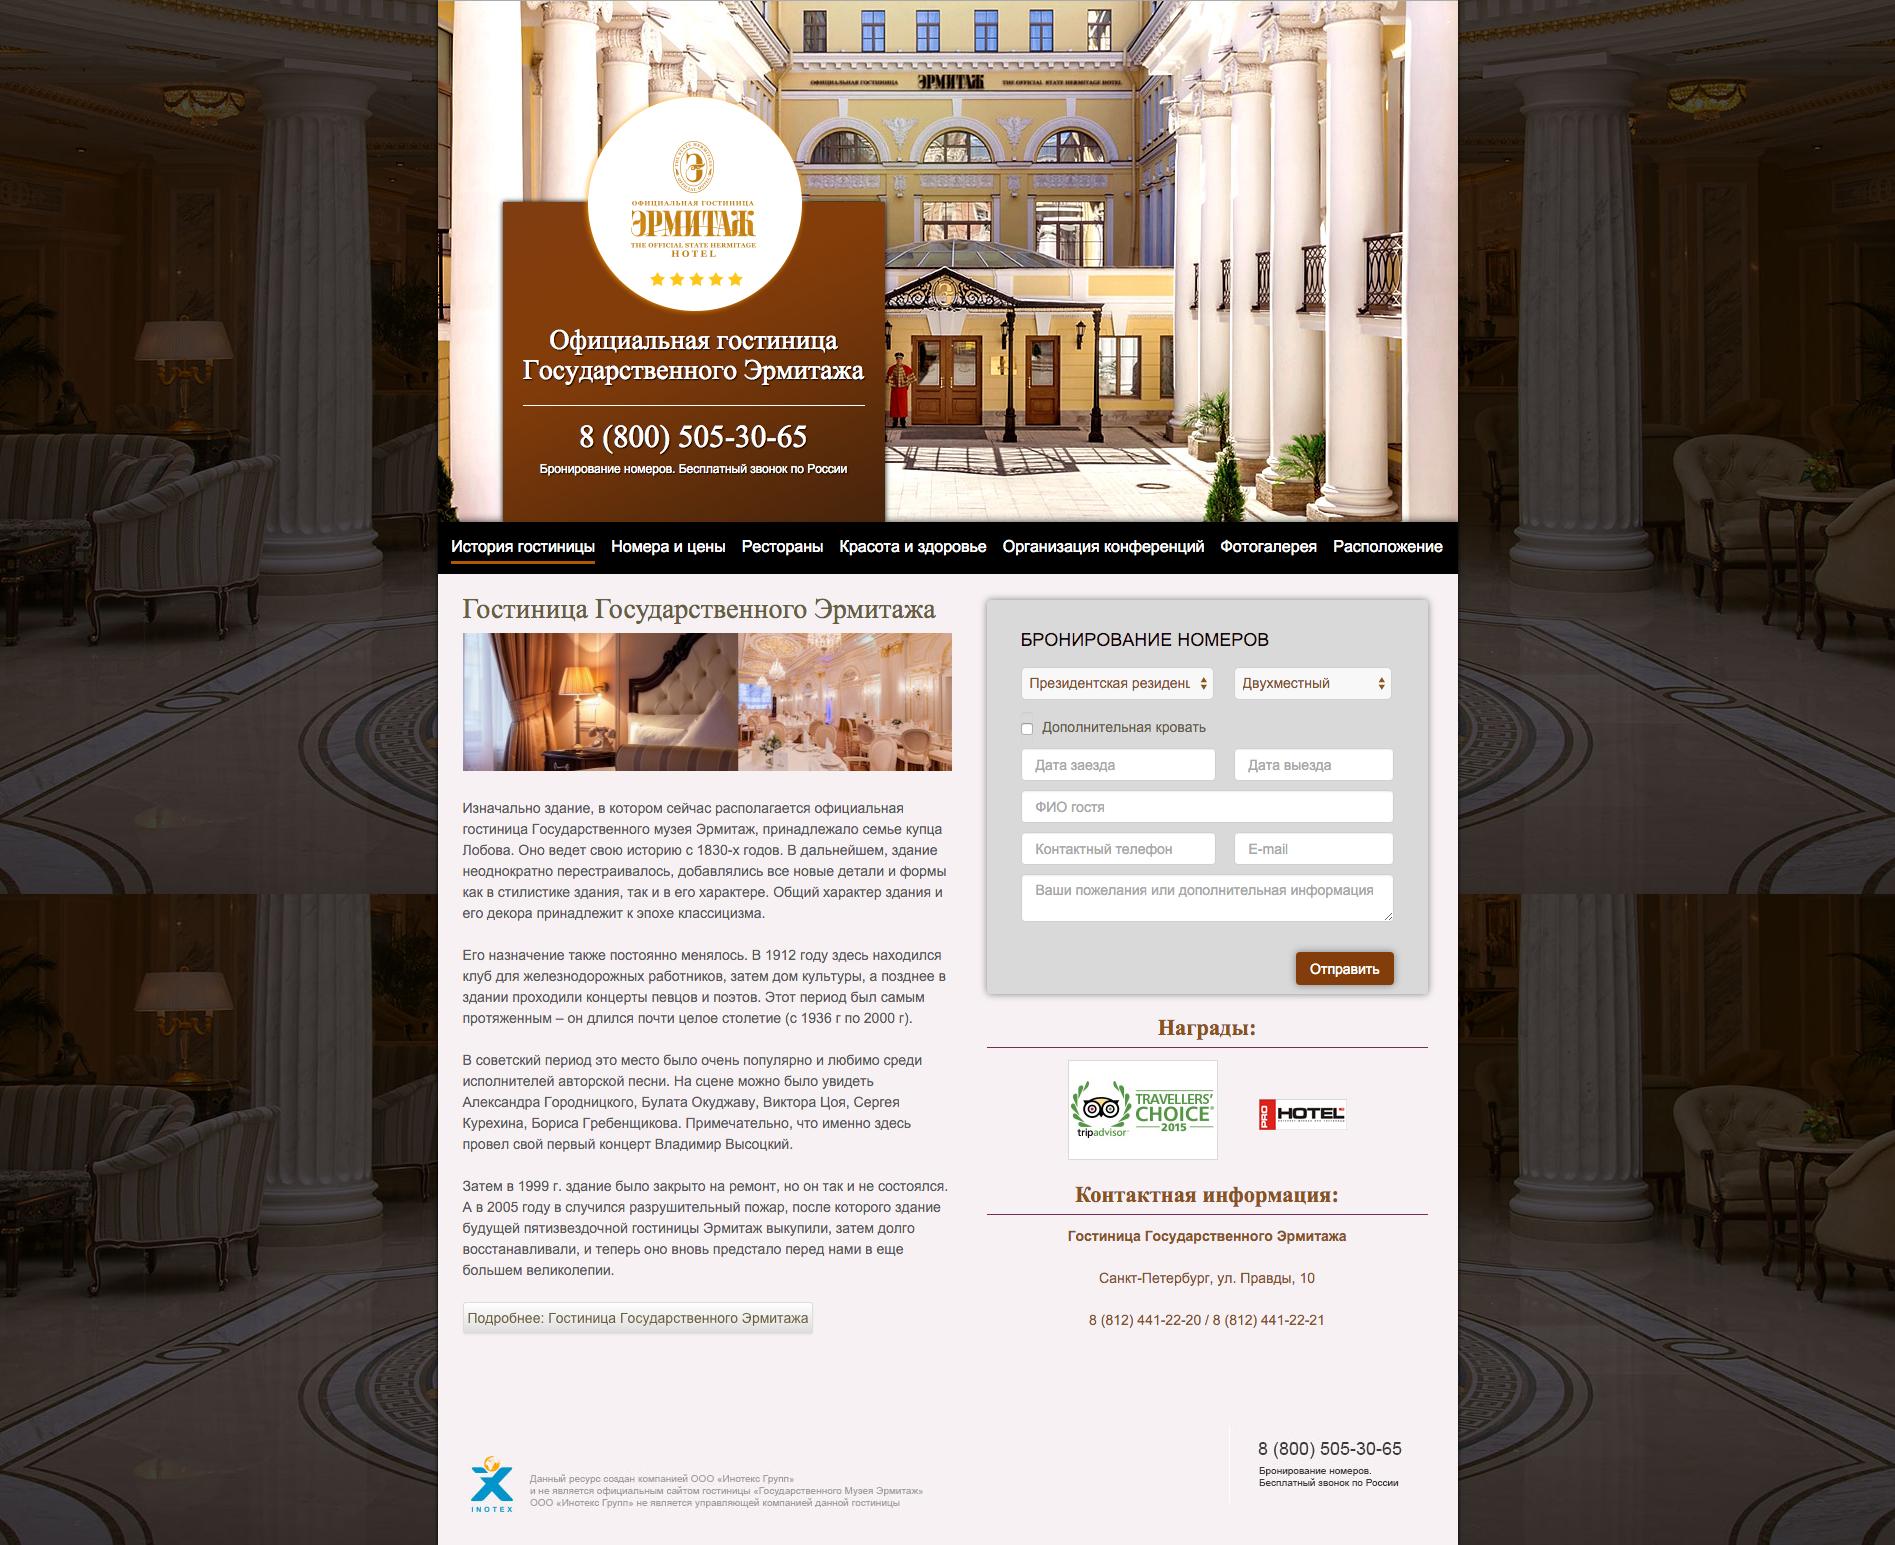 hermitagehotel.spb.ru